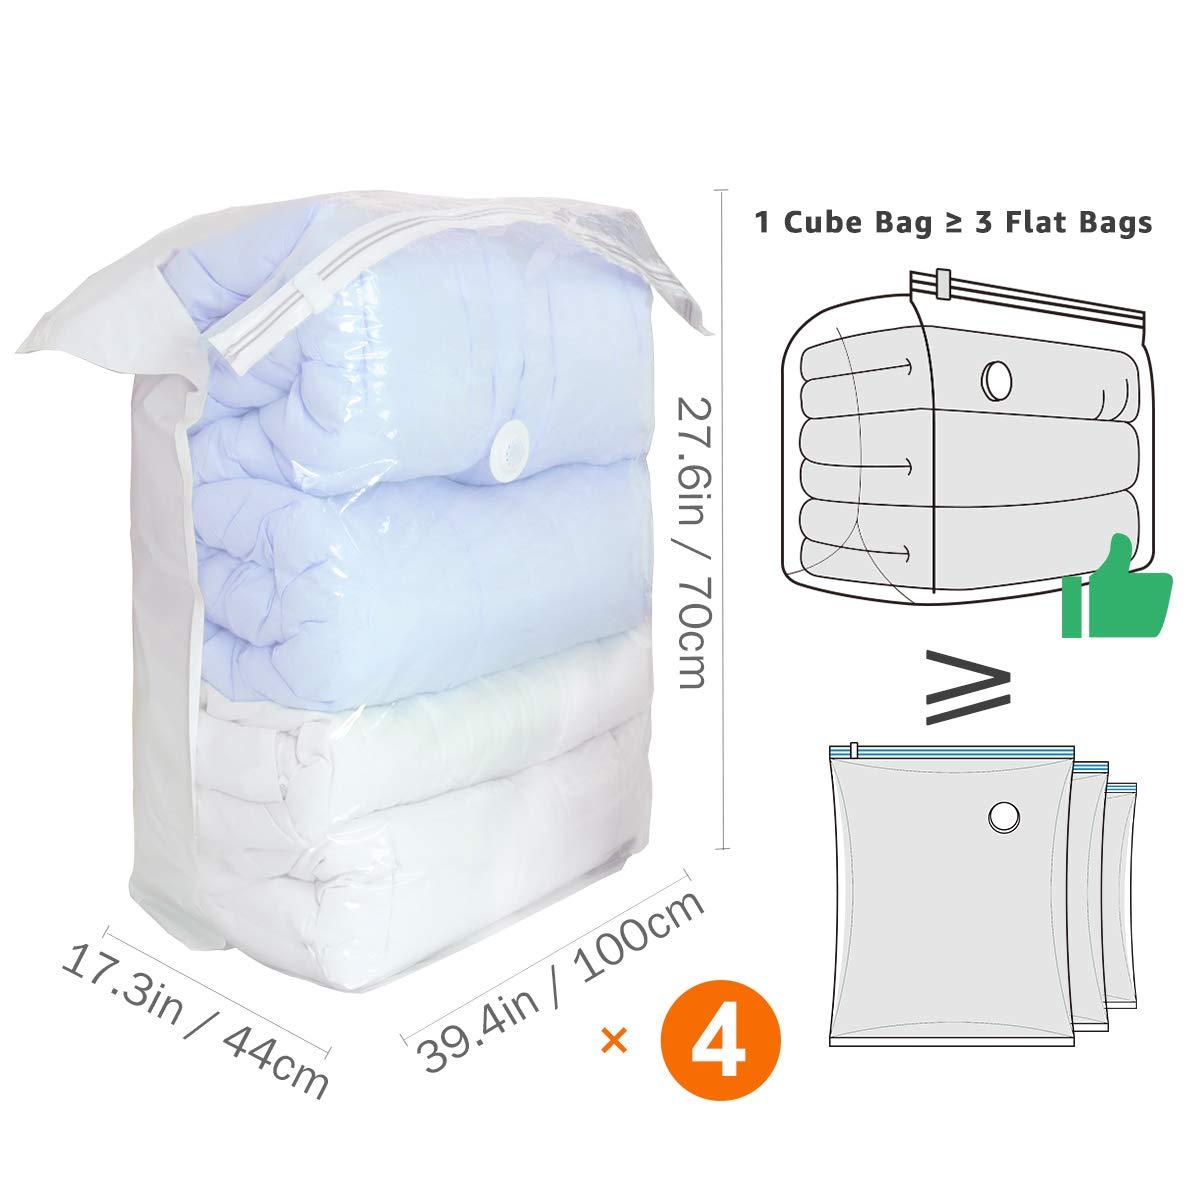 Almohadas Ropa 4 Piezas 100 x 70 x 38 cm Ropa de Cama TAILI Cubo Jumbo Bolsas de almacenaje al vac/ío No Necesita Herramientas Bolsas ahorradoras de Espacio para edredones Mantas